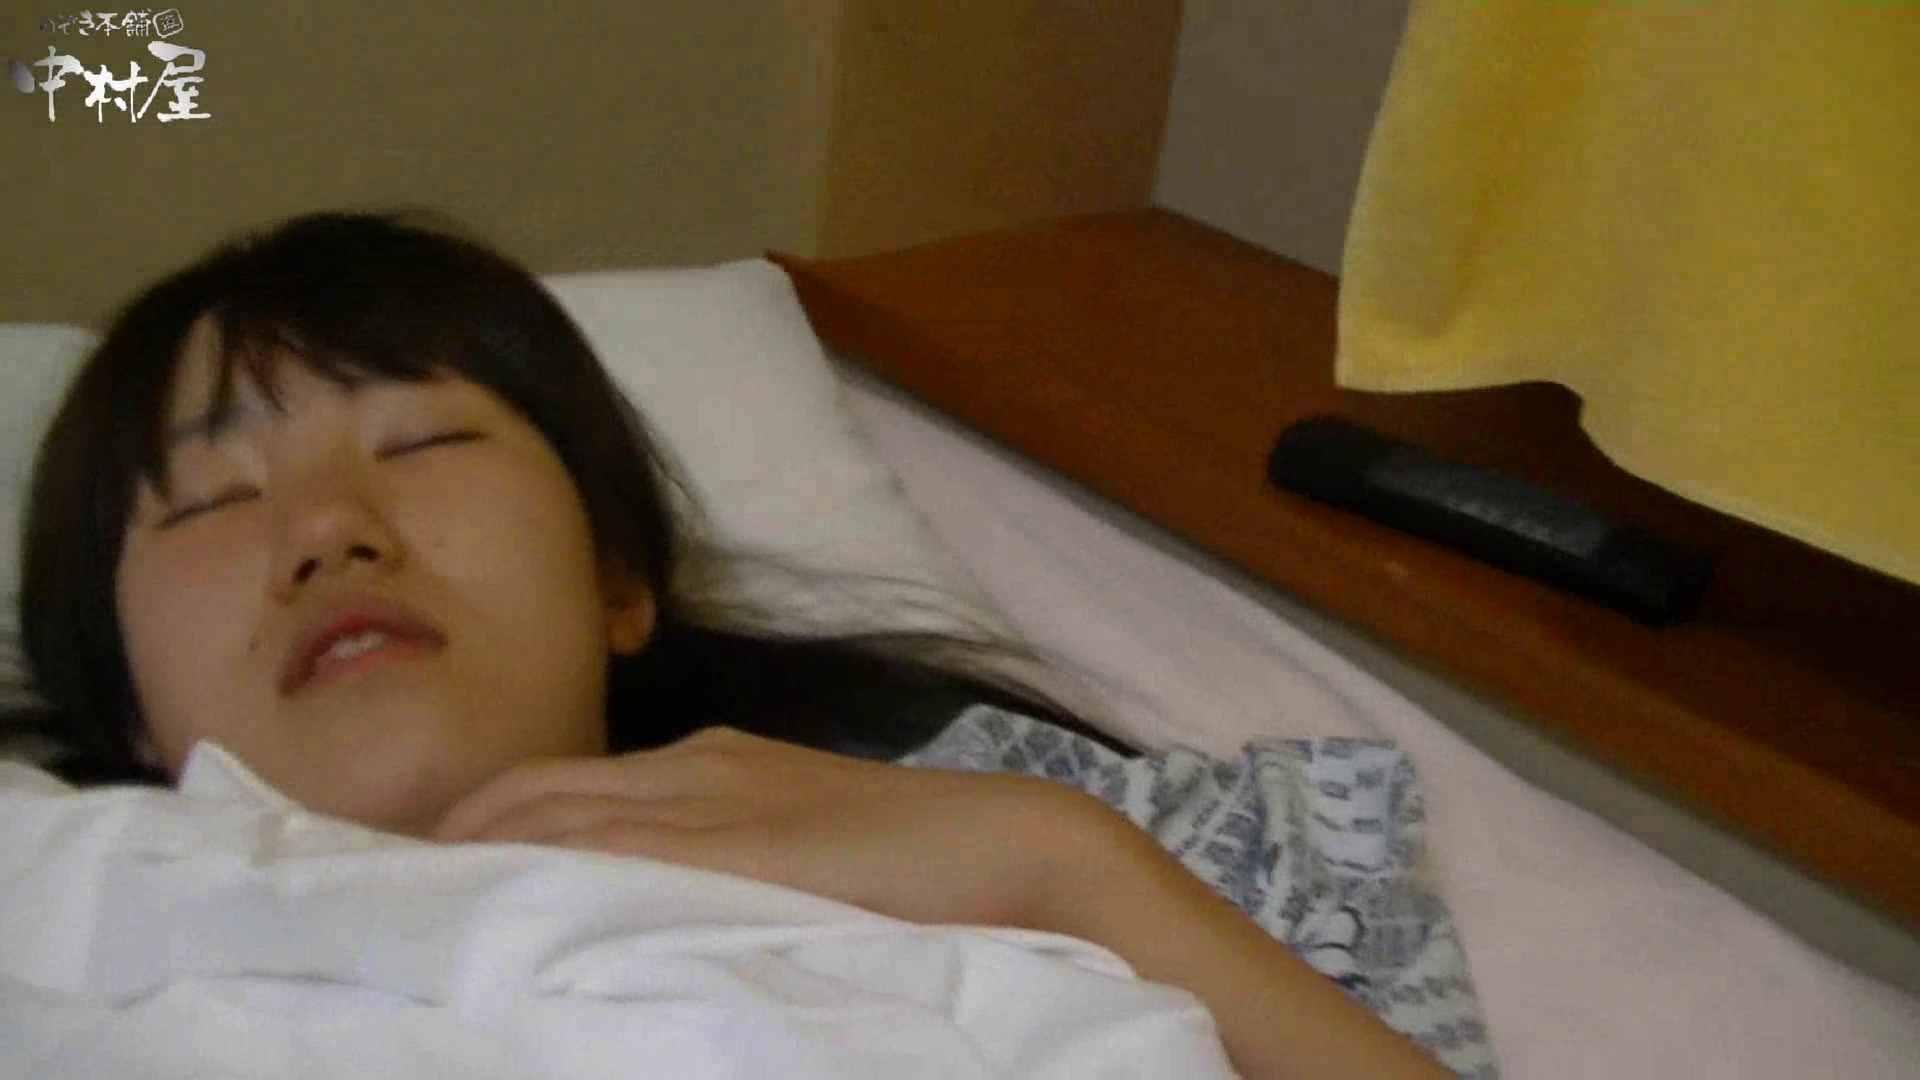 ネムリ姫 vol.50 鬼畜 盗撮エロ画像 111画像 83